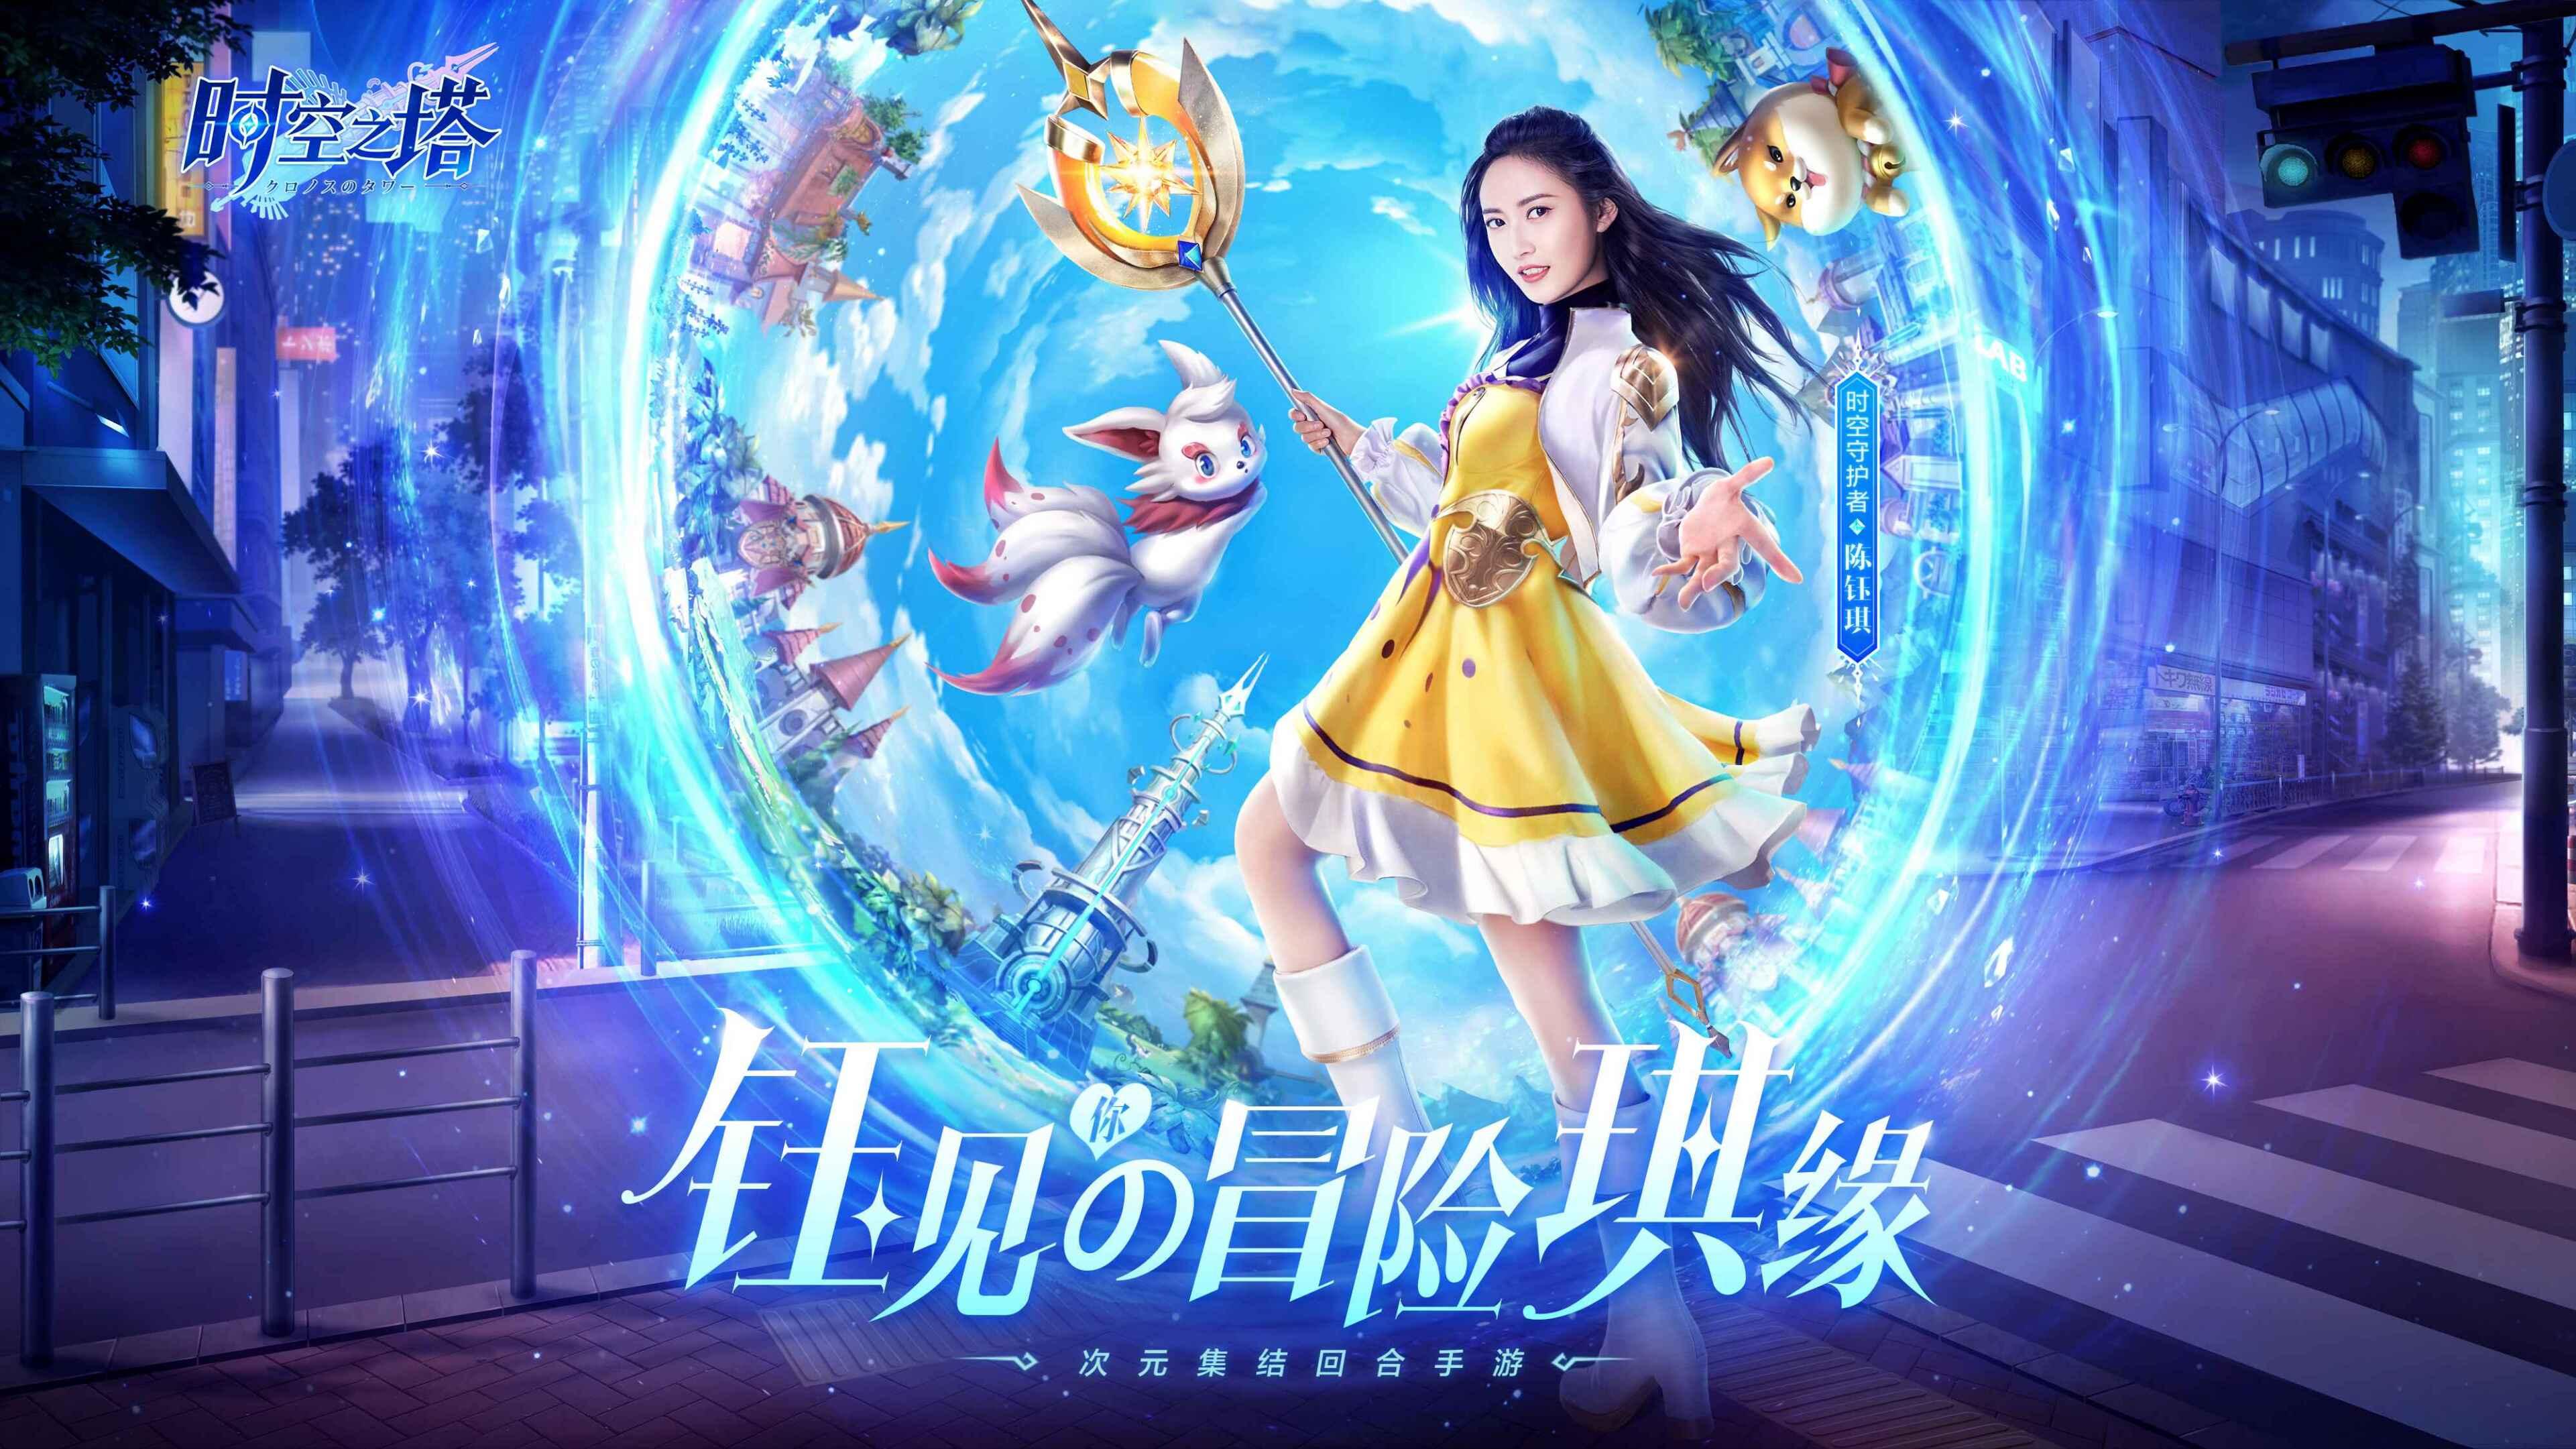 陈钰琪又多了一个身份,时空守护者,她要守护的是莱恩大陆!